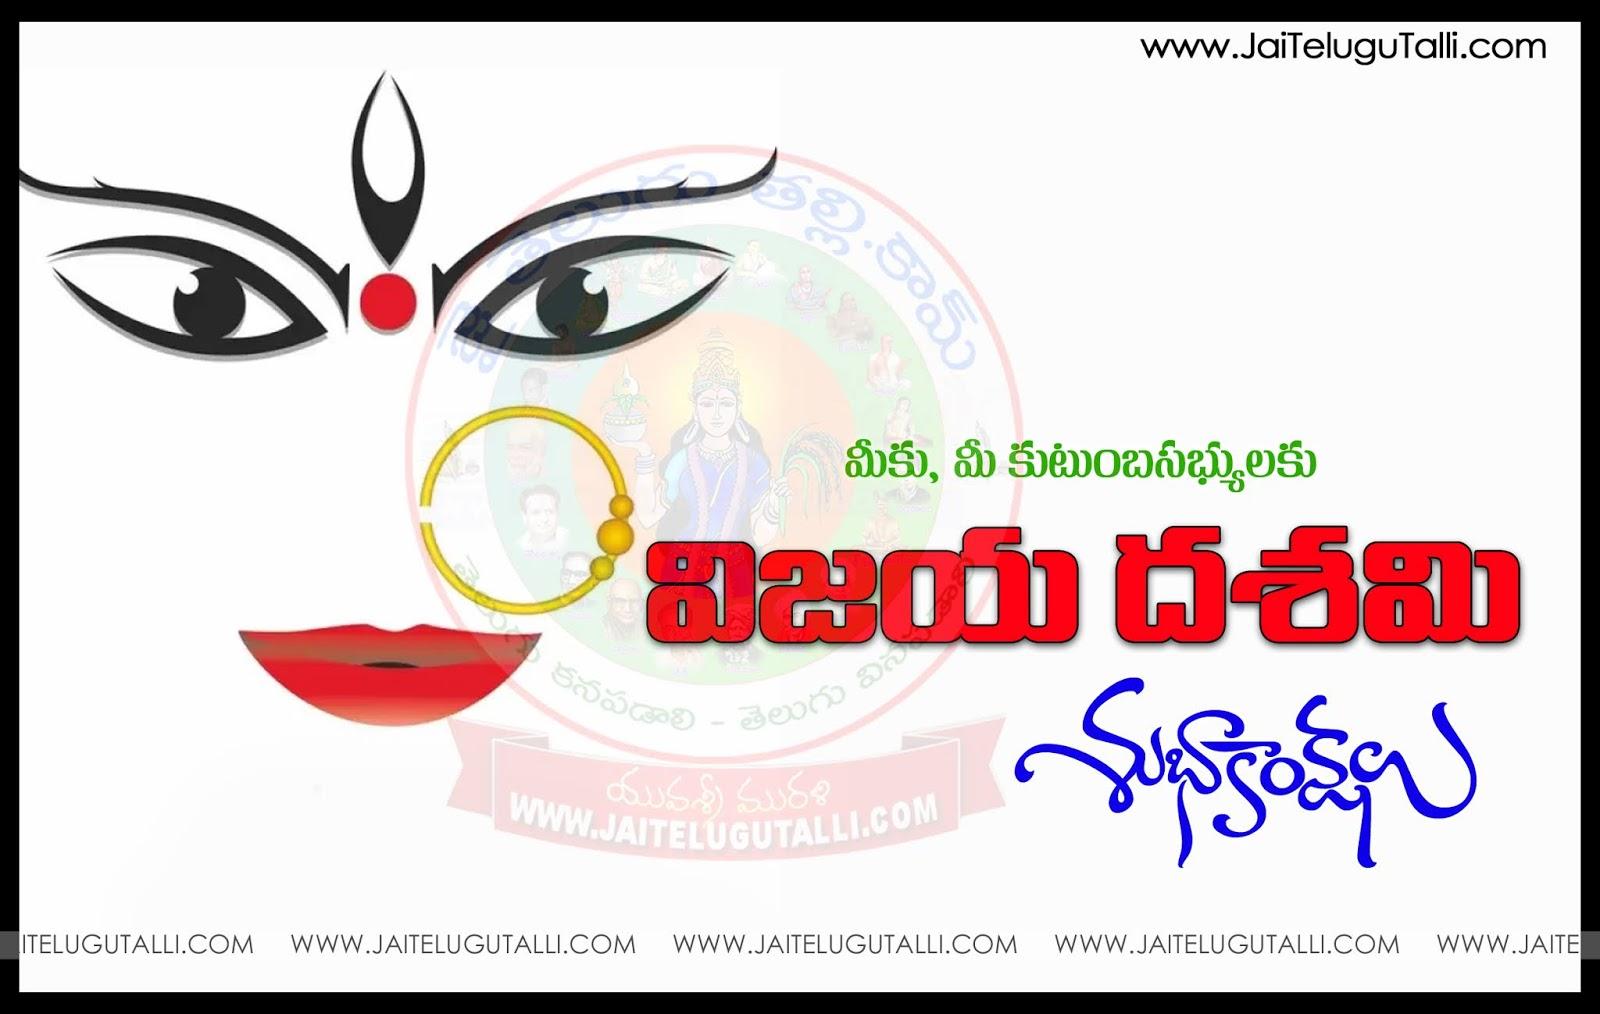 Best Telugu Dussehra Images Hd Wallpapers Famous Happy Dussehra